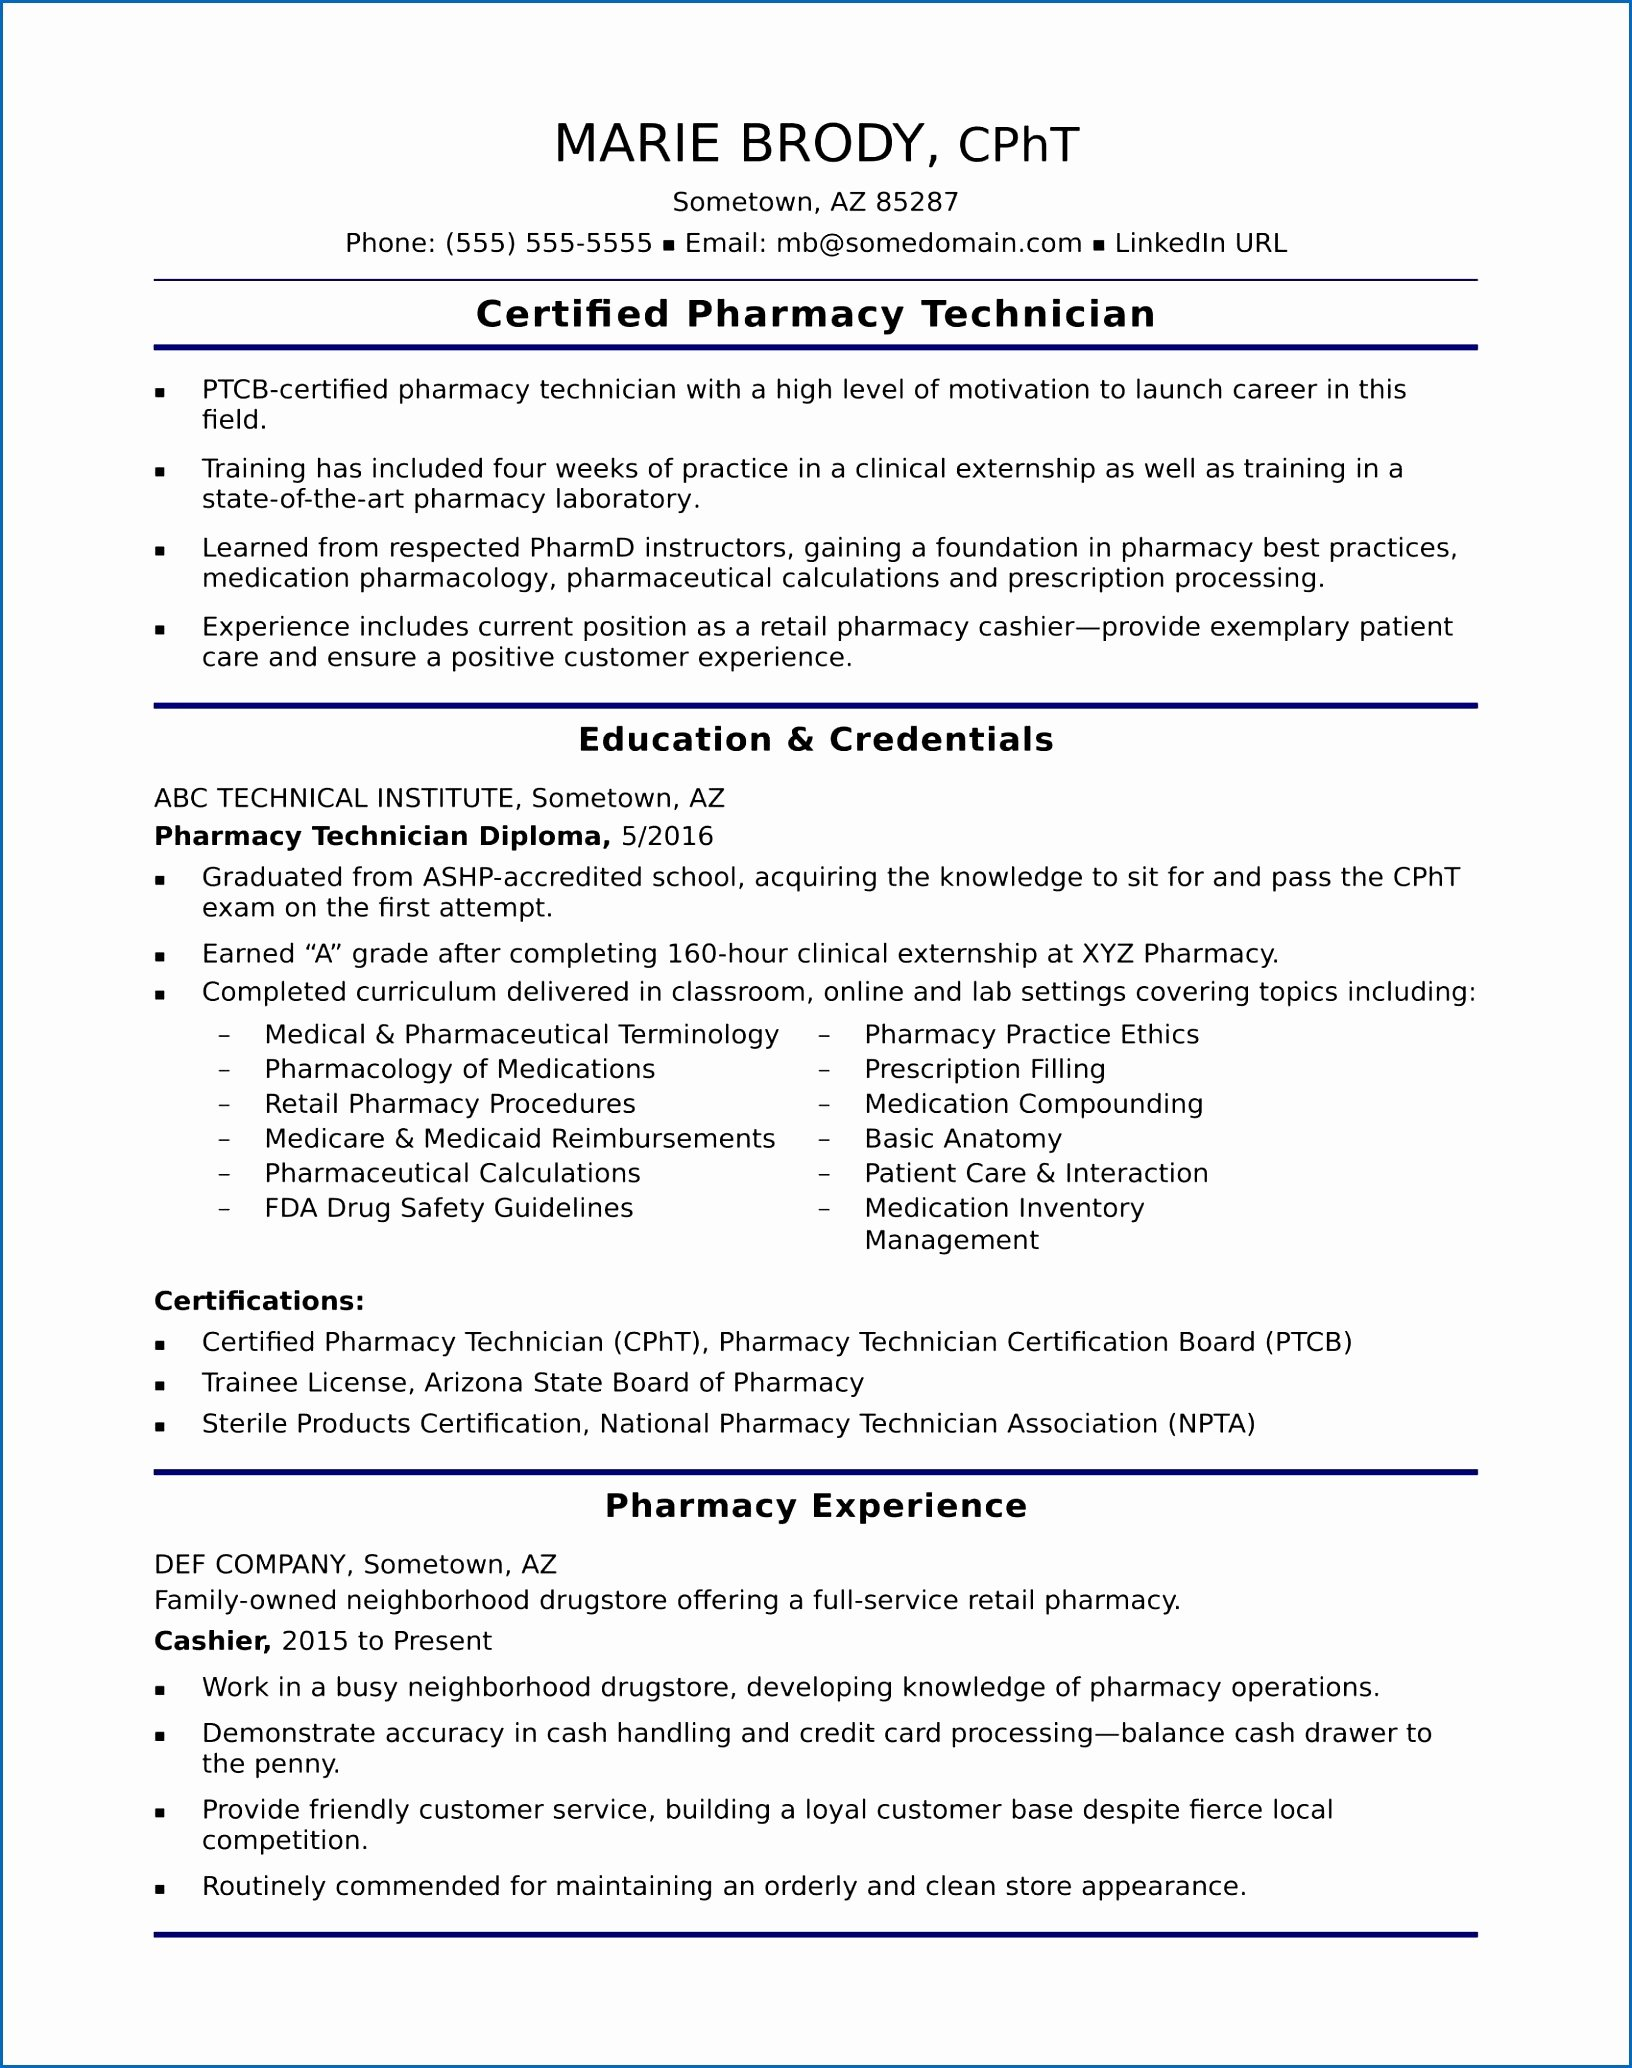 Pharmacy Technician Resume Sample Awesome 7 Resume Basic